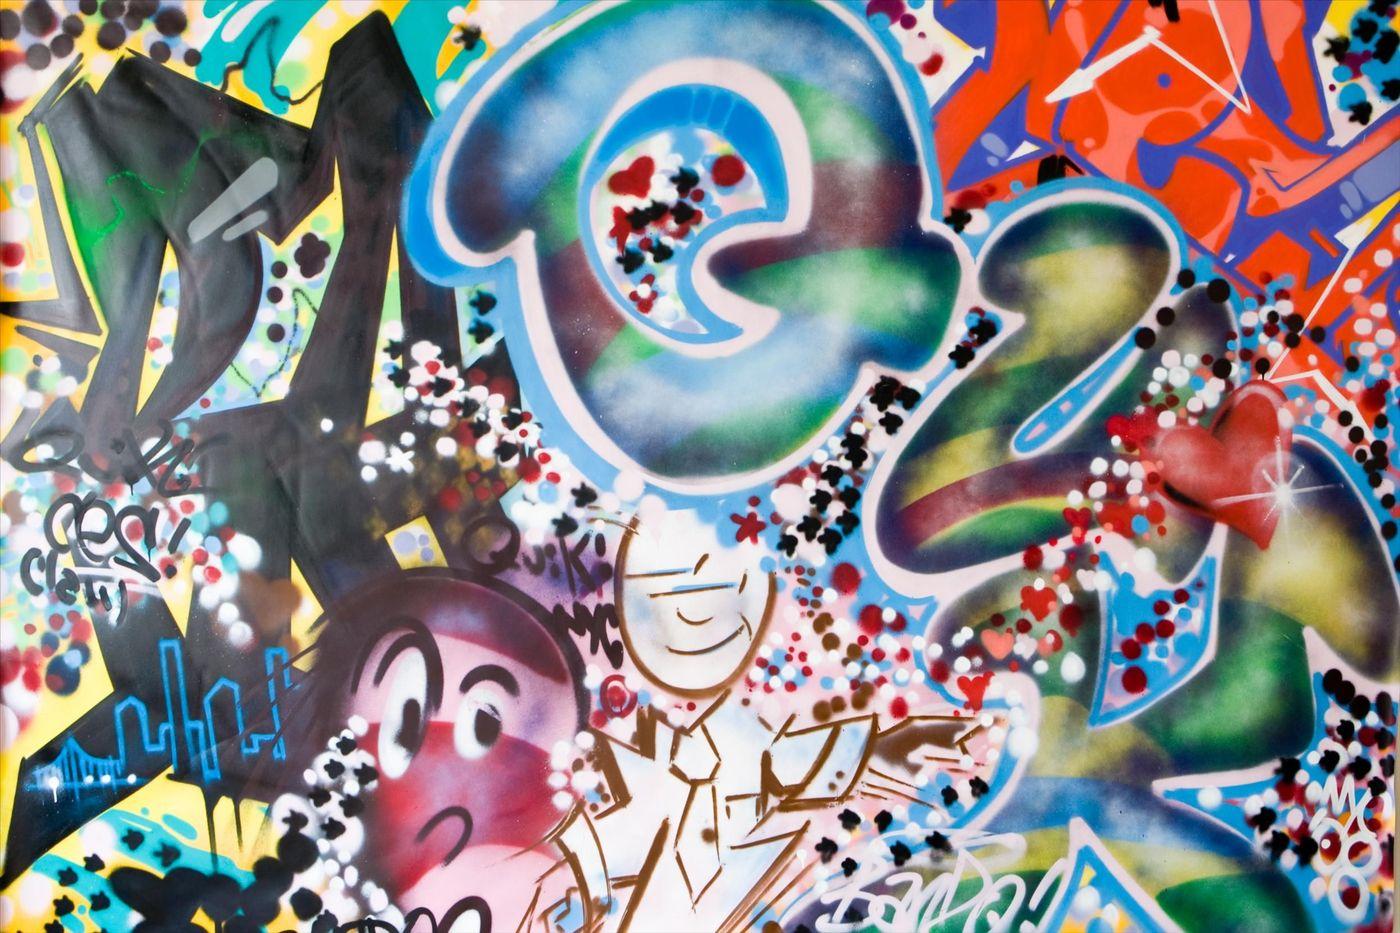 Celui Ci Est Beaucoup Plus Récent, Cu0027est Lu0027art Du Graffiti. Ce Mot Vient De  La Pression De La Bombe Aérosol Et De La Rue, Cu0027est Un Art Dit U201d Sous  Pression U201c ...